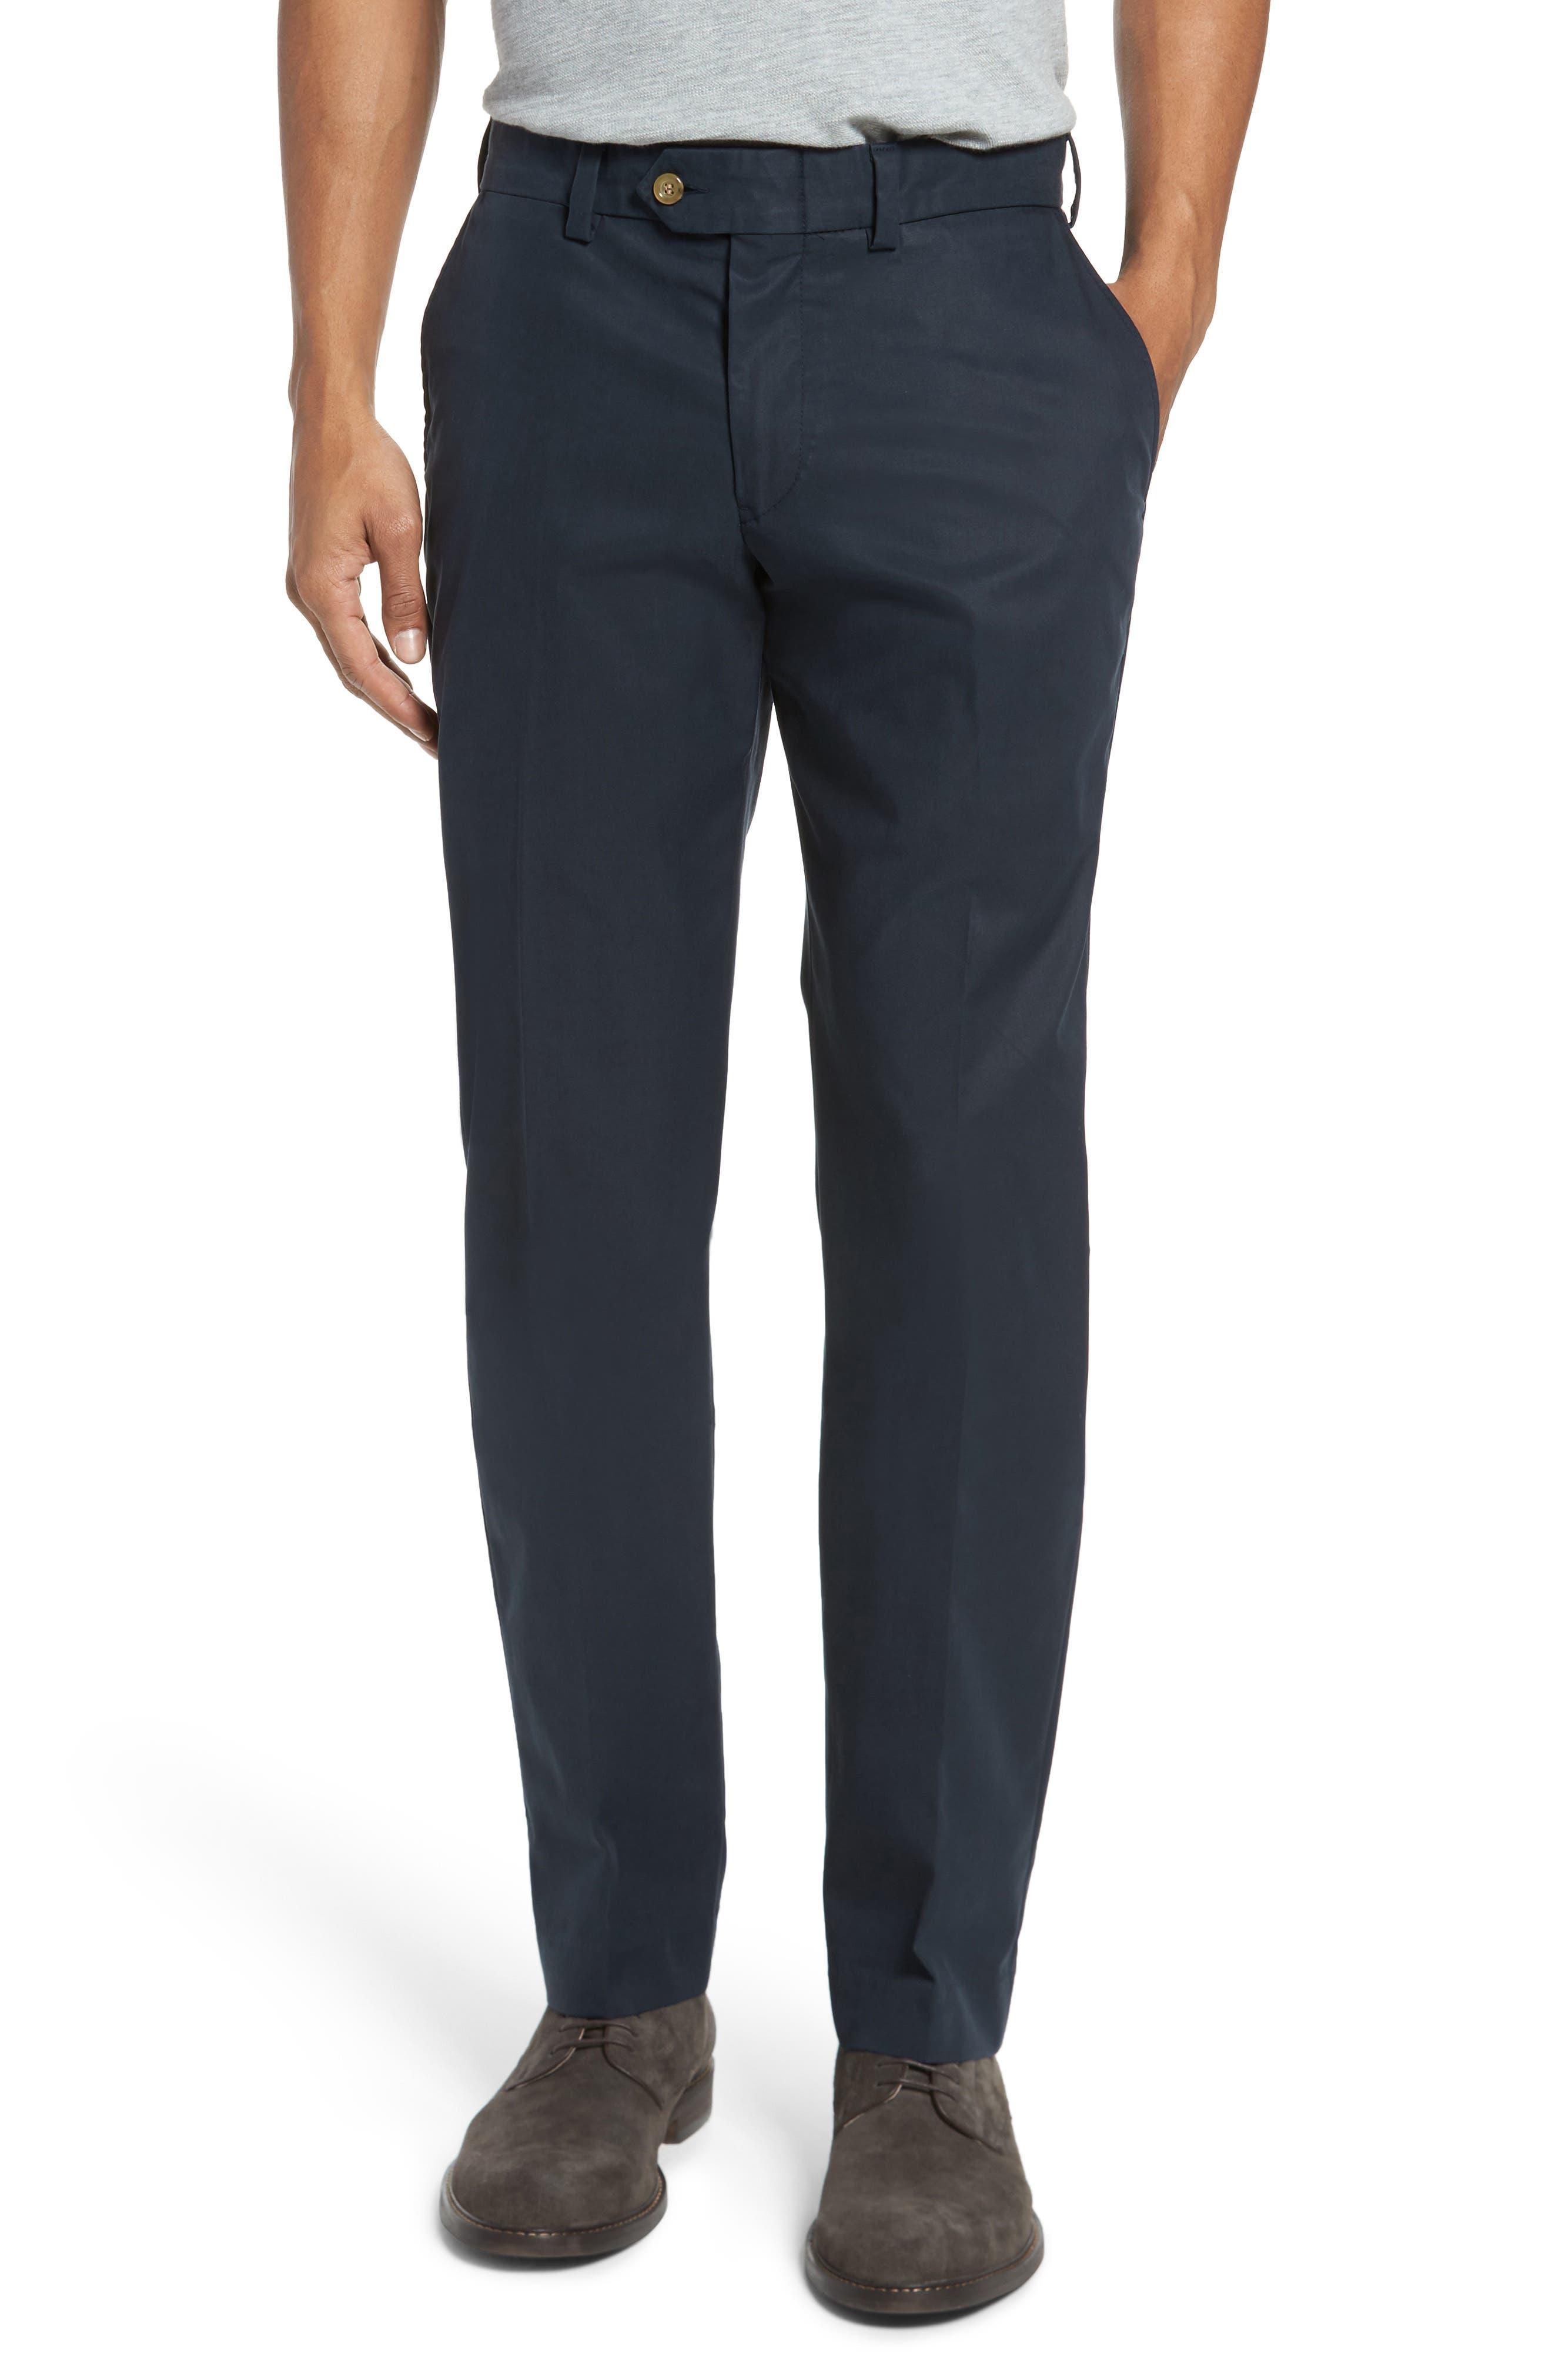 Bills Khakis Straight Fit Travel Twill Pants, Unhemmed - Blue